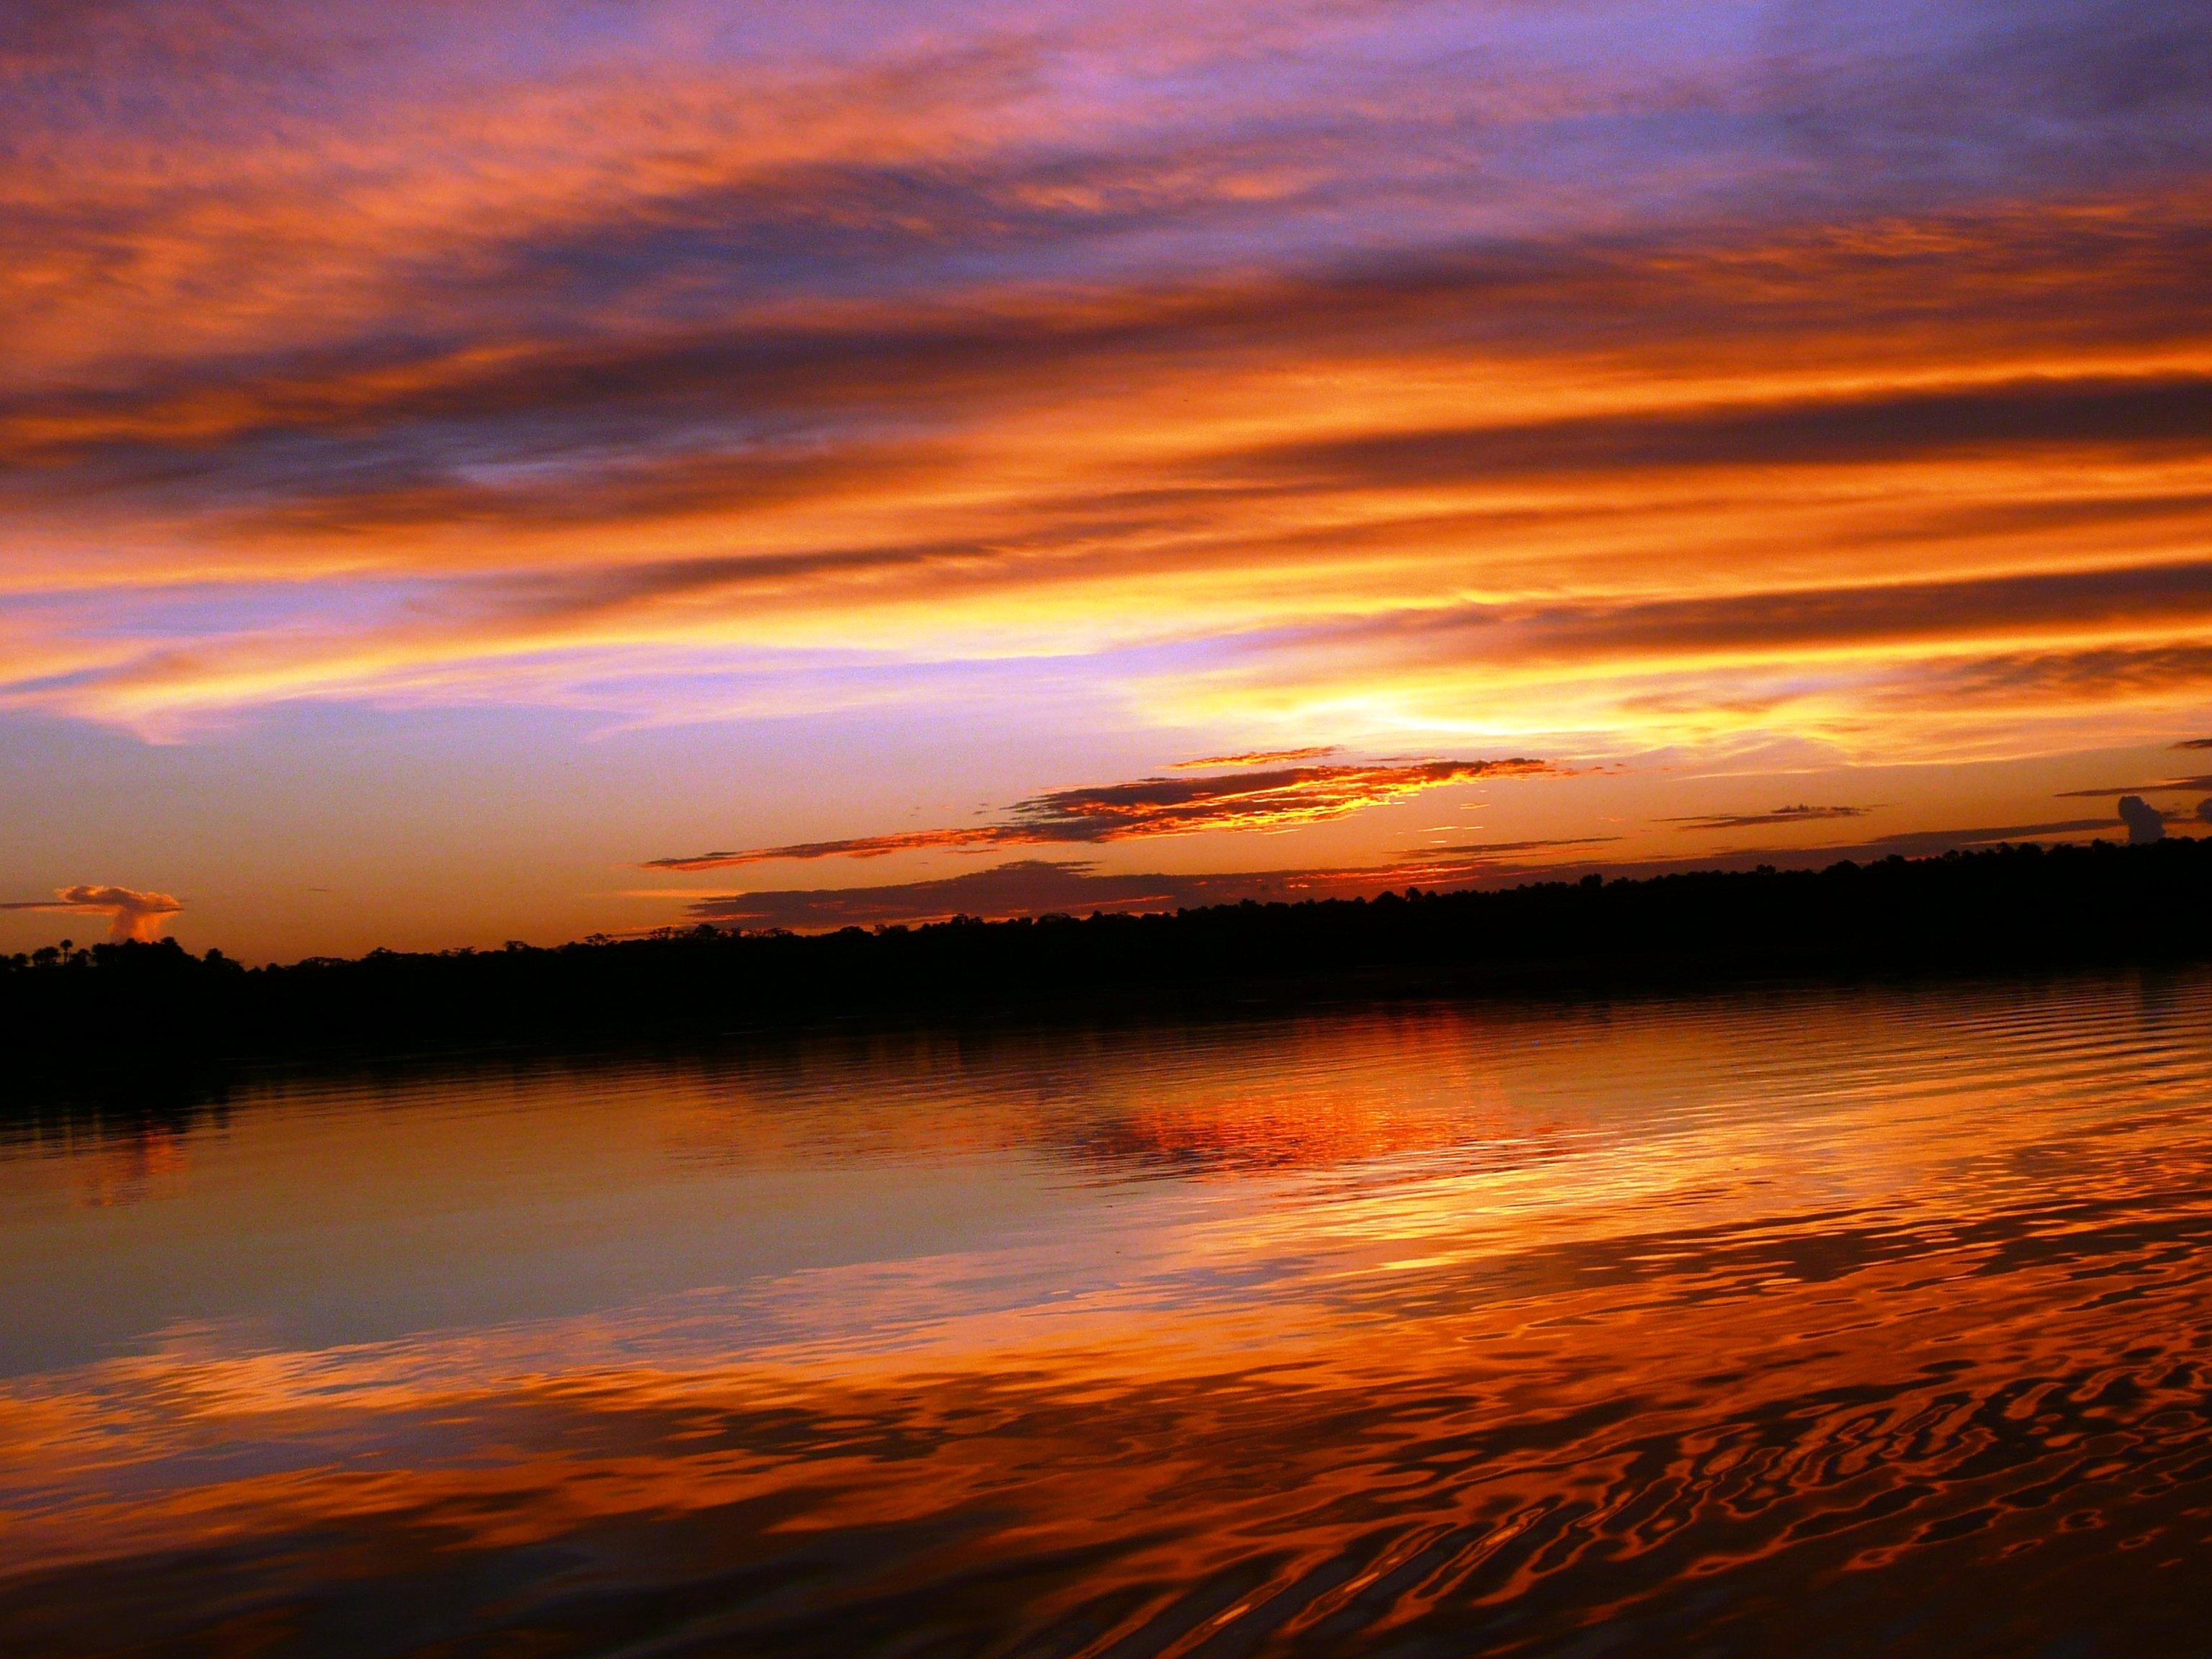 Sunset at Manu Park